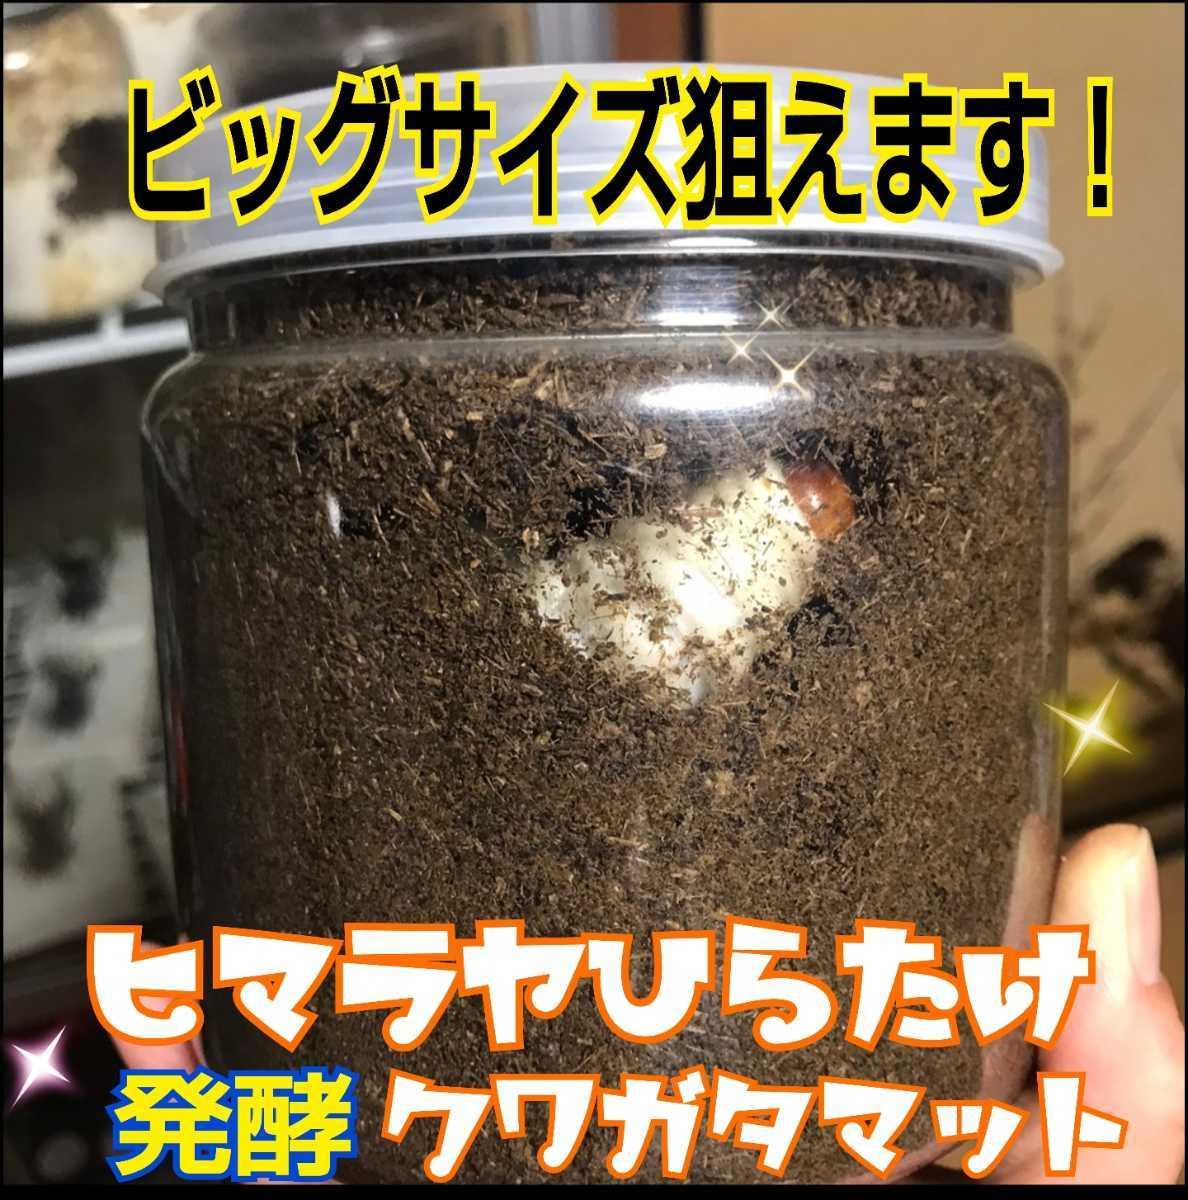 幼虫がビッグサイズになります!ヒマラヤひらたけ菌床発酵マット!栄養価抜群!クヌギ100%原料 幼虫の餌、産卵マットにも抜群の実績あり!_画像9